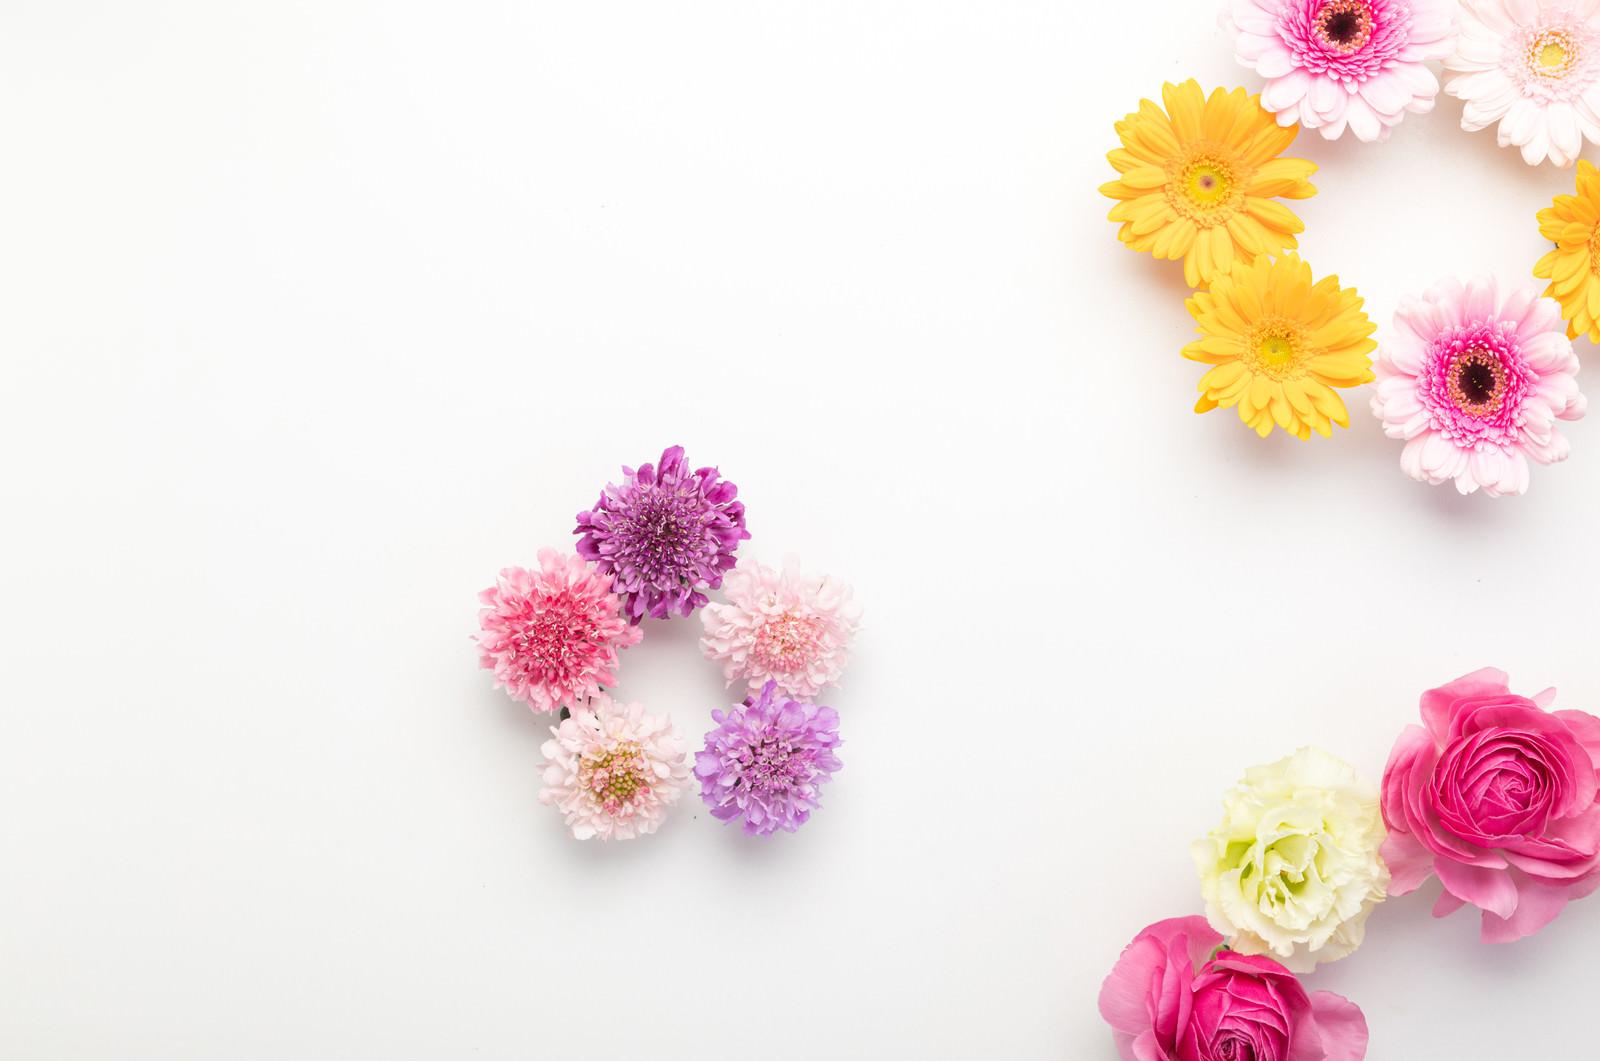 「大中小の円を描くカラフルな花」の写真